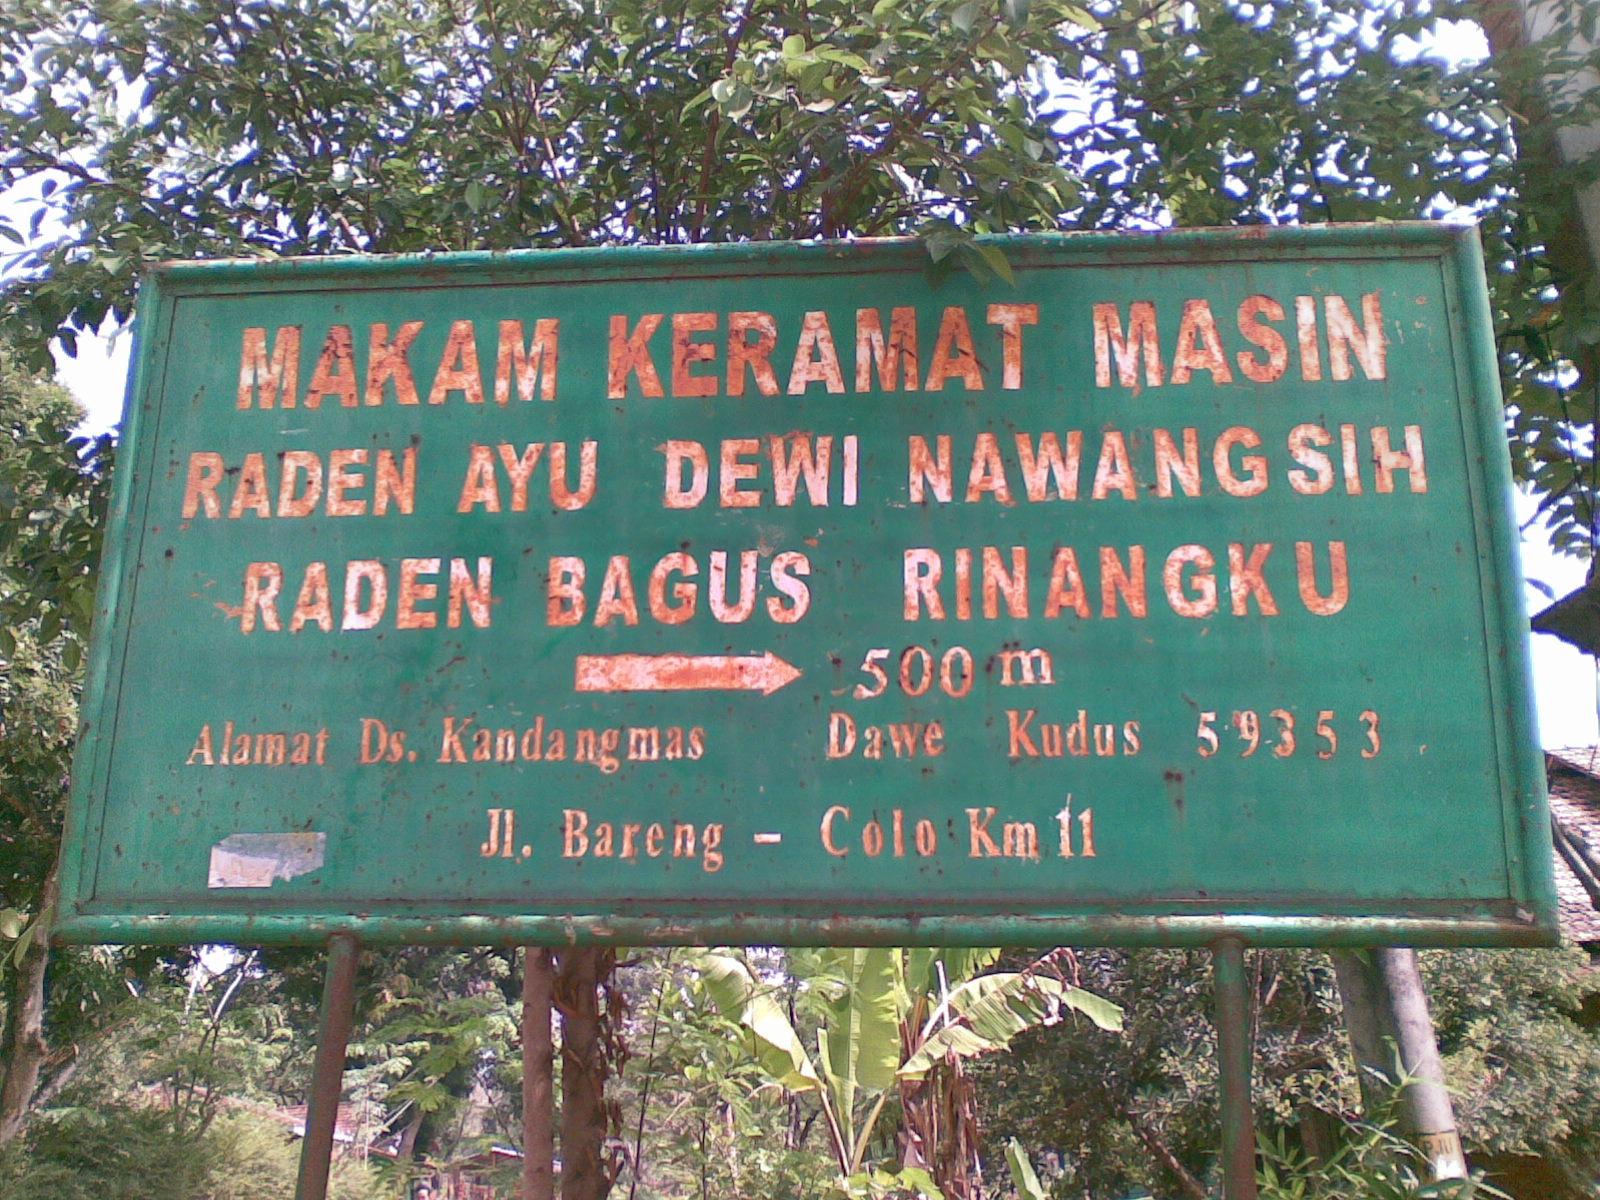 Makam tersebut dikenal sebagai Makam Keramat Masin Raden Bagus Rinangku dan  Raden Ayu Dewi Nawangsih. Dibawah ini adalah gambar papan ketika hendak  masuk ke ... 81ad67020f